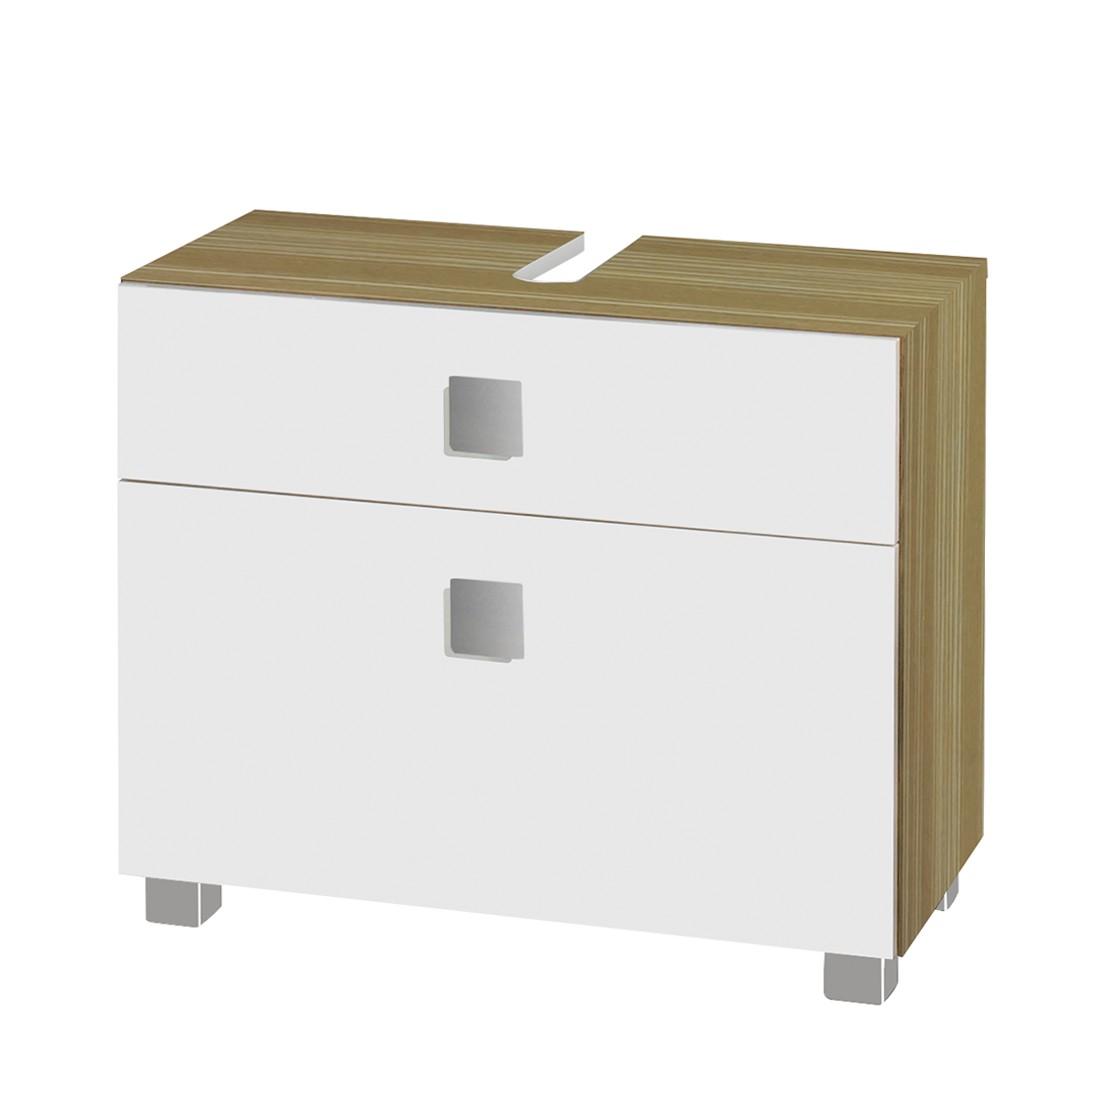 waschbeckenunterschrank genf wei glanz zebrino beige. Black Bedroom Furniture Sets. Home Design Ideas